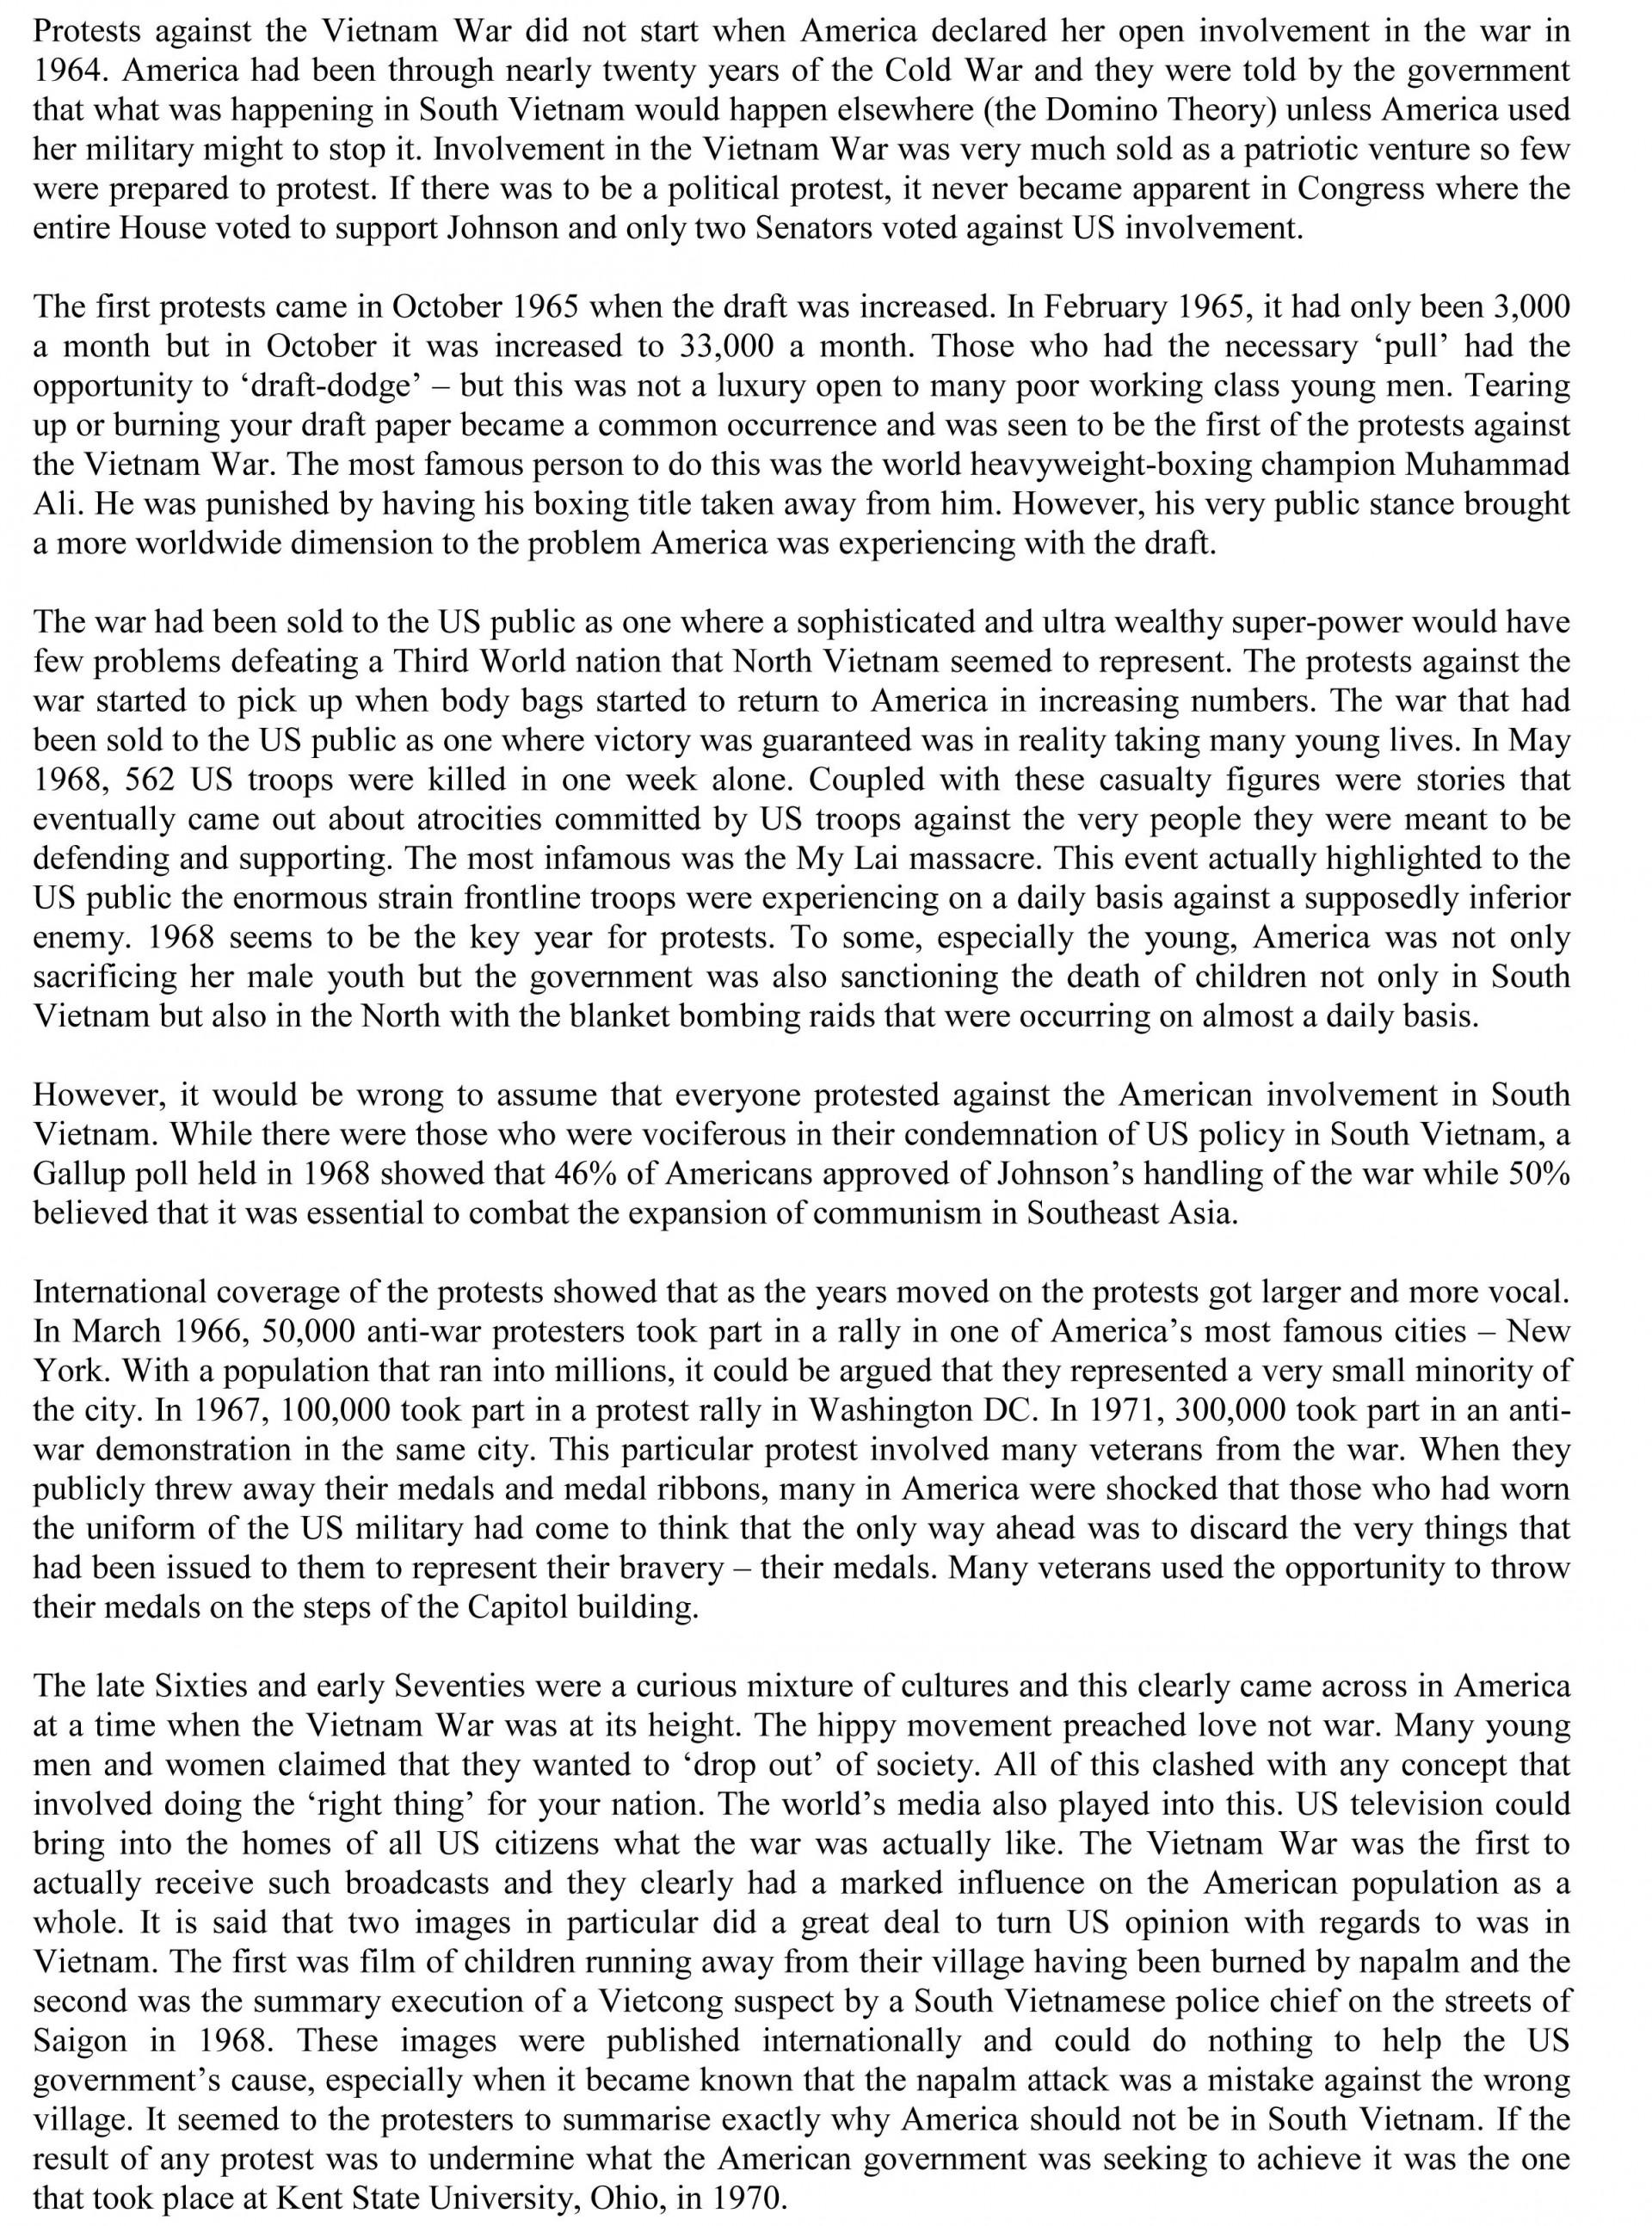 020 Essay Example Vietnam War Causal Argument Imposing Topics Topic Ideas 1920